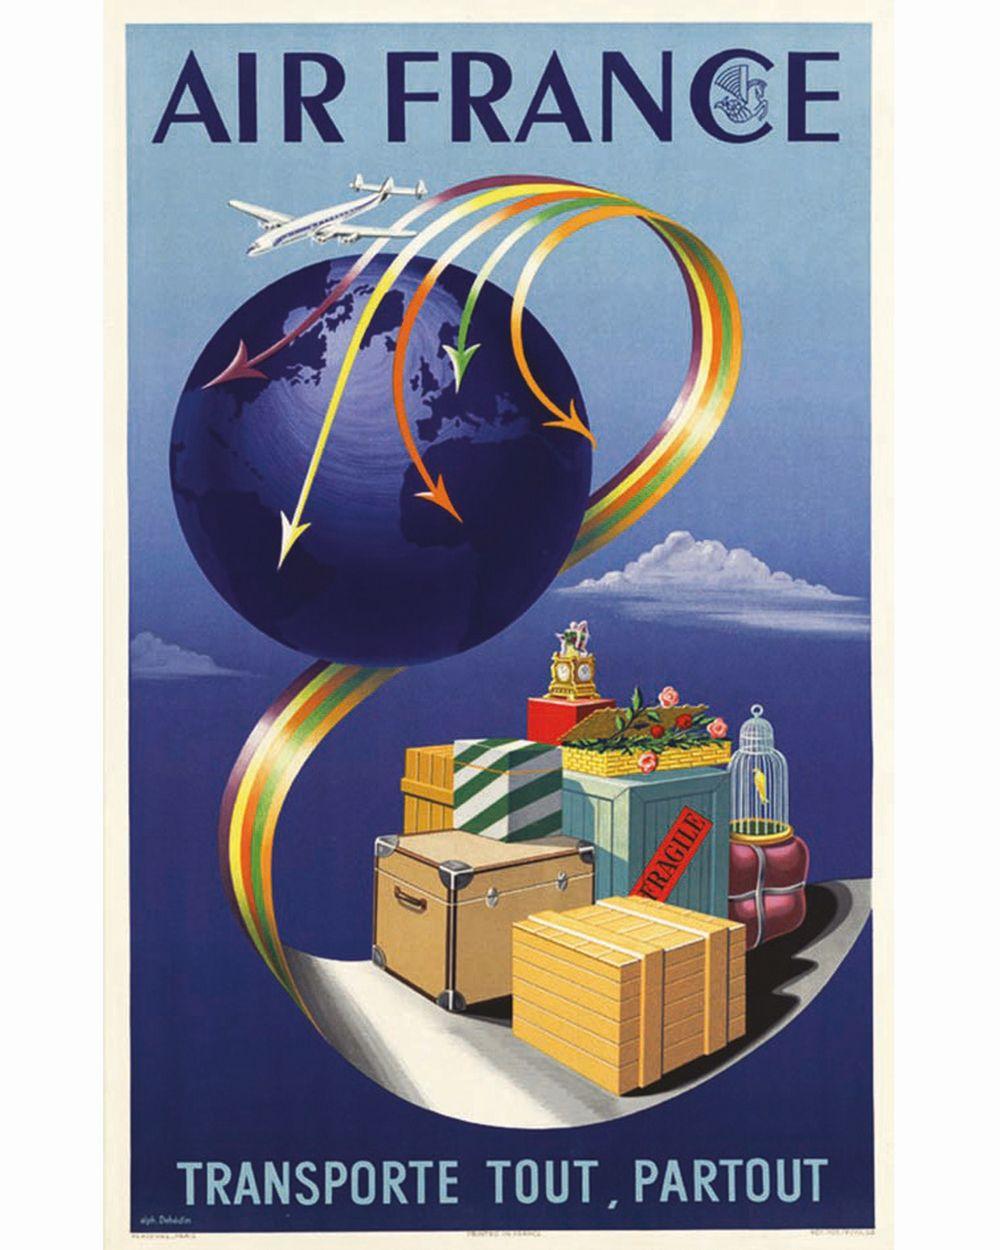 DEHEDIN ALPH. - Air France Transporte tout partout     1952